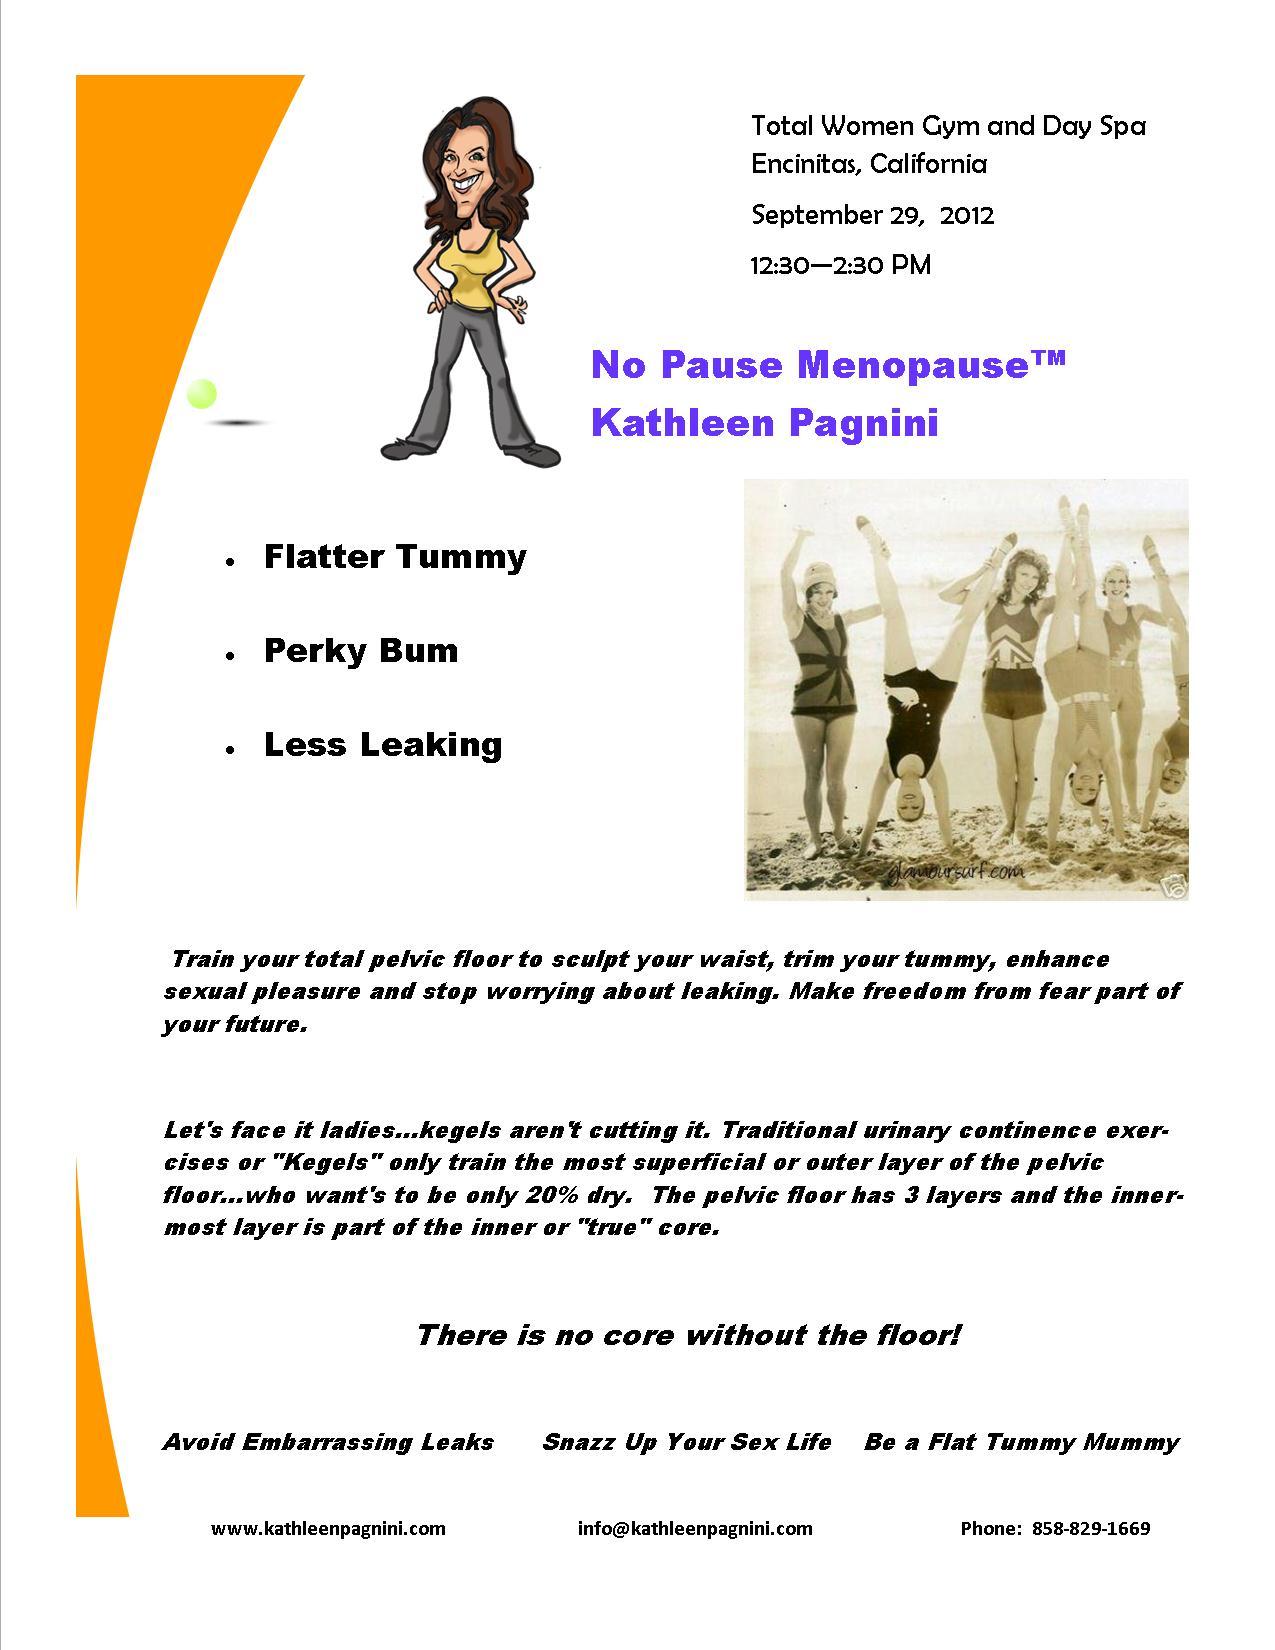 No-Pause-Menopause-Single-Sheet   Kathleen Pagnini